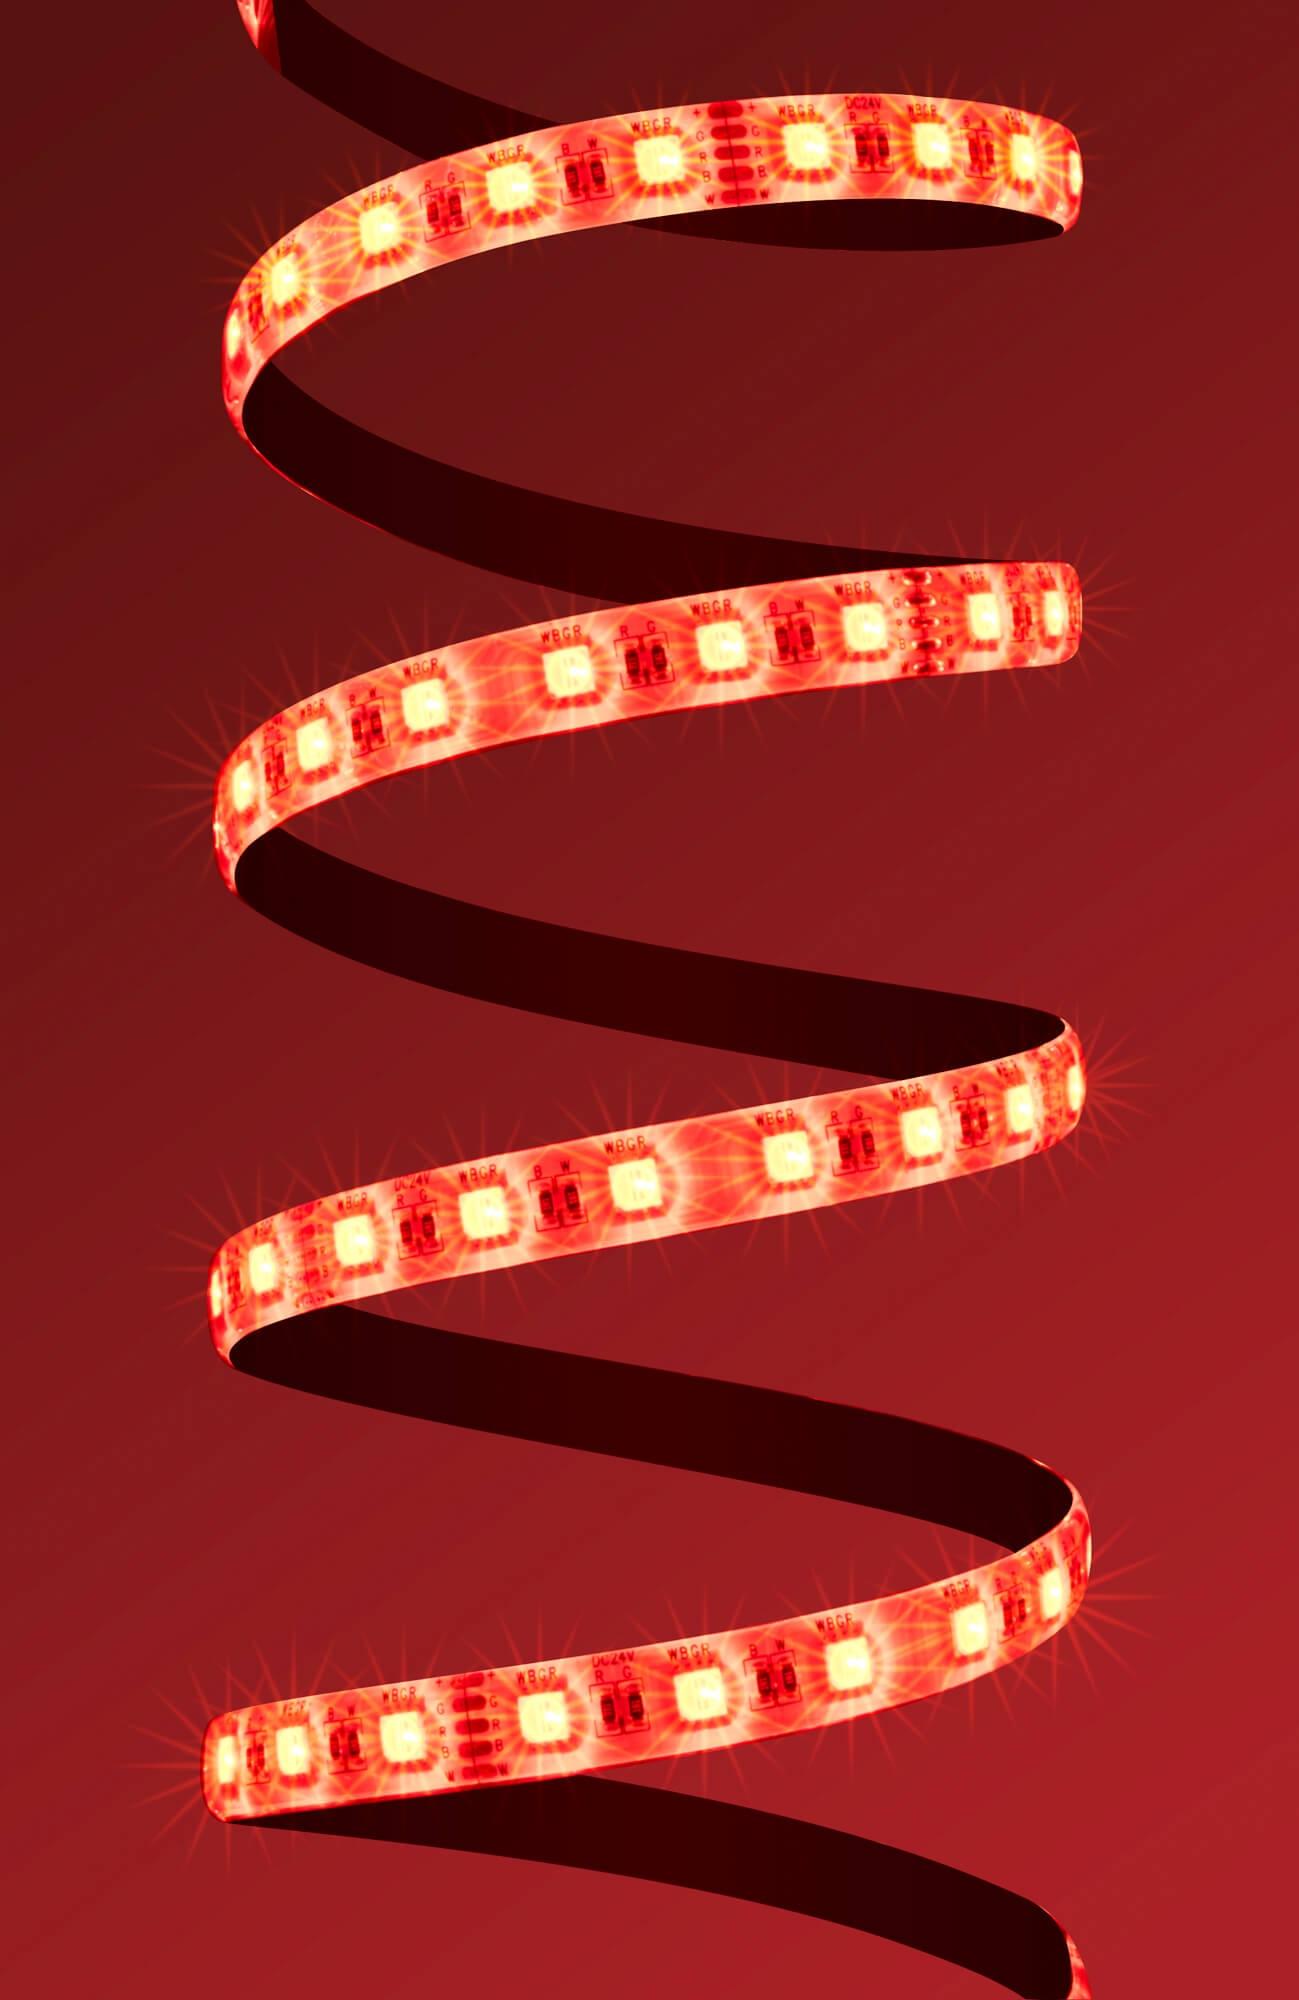 /4/i/4in1-red.jpg